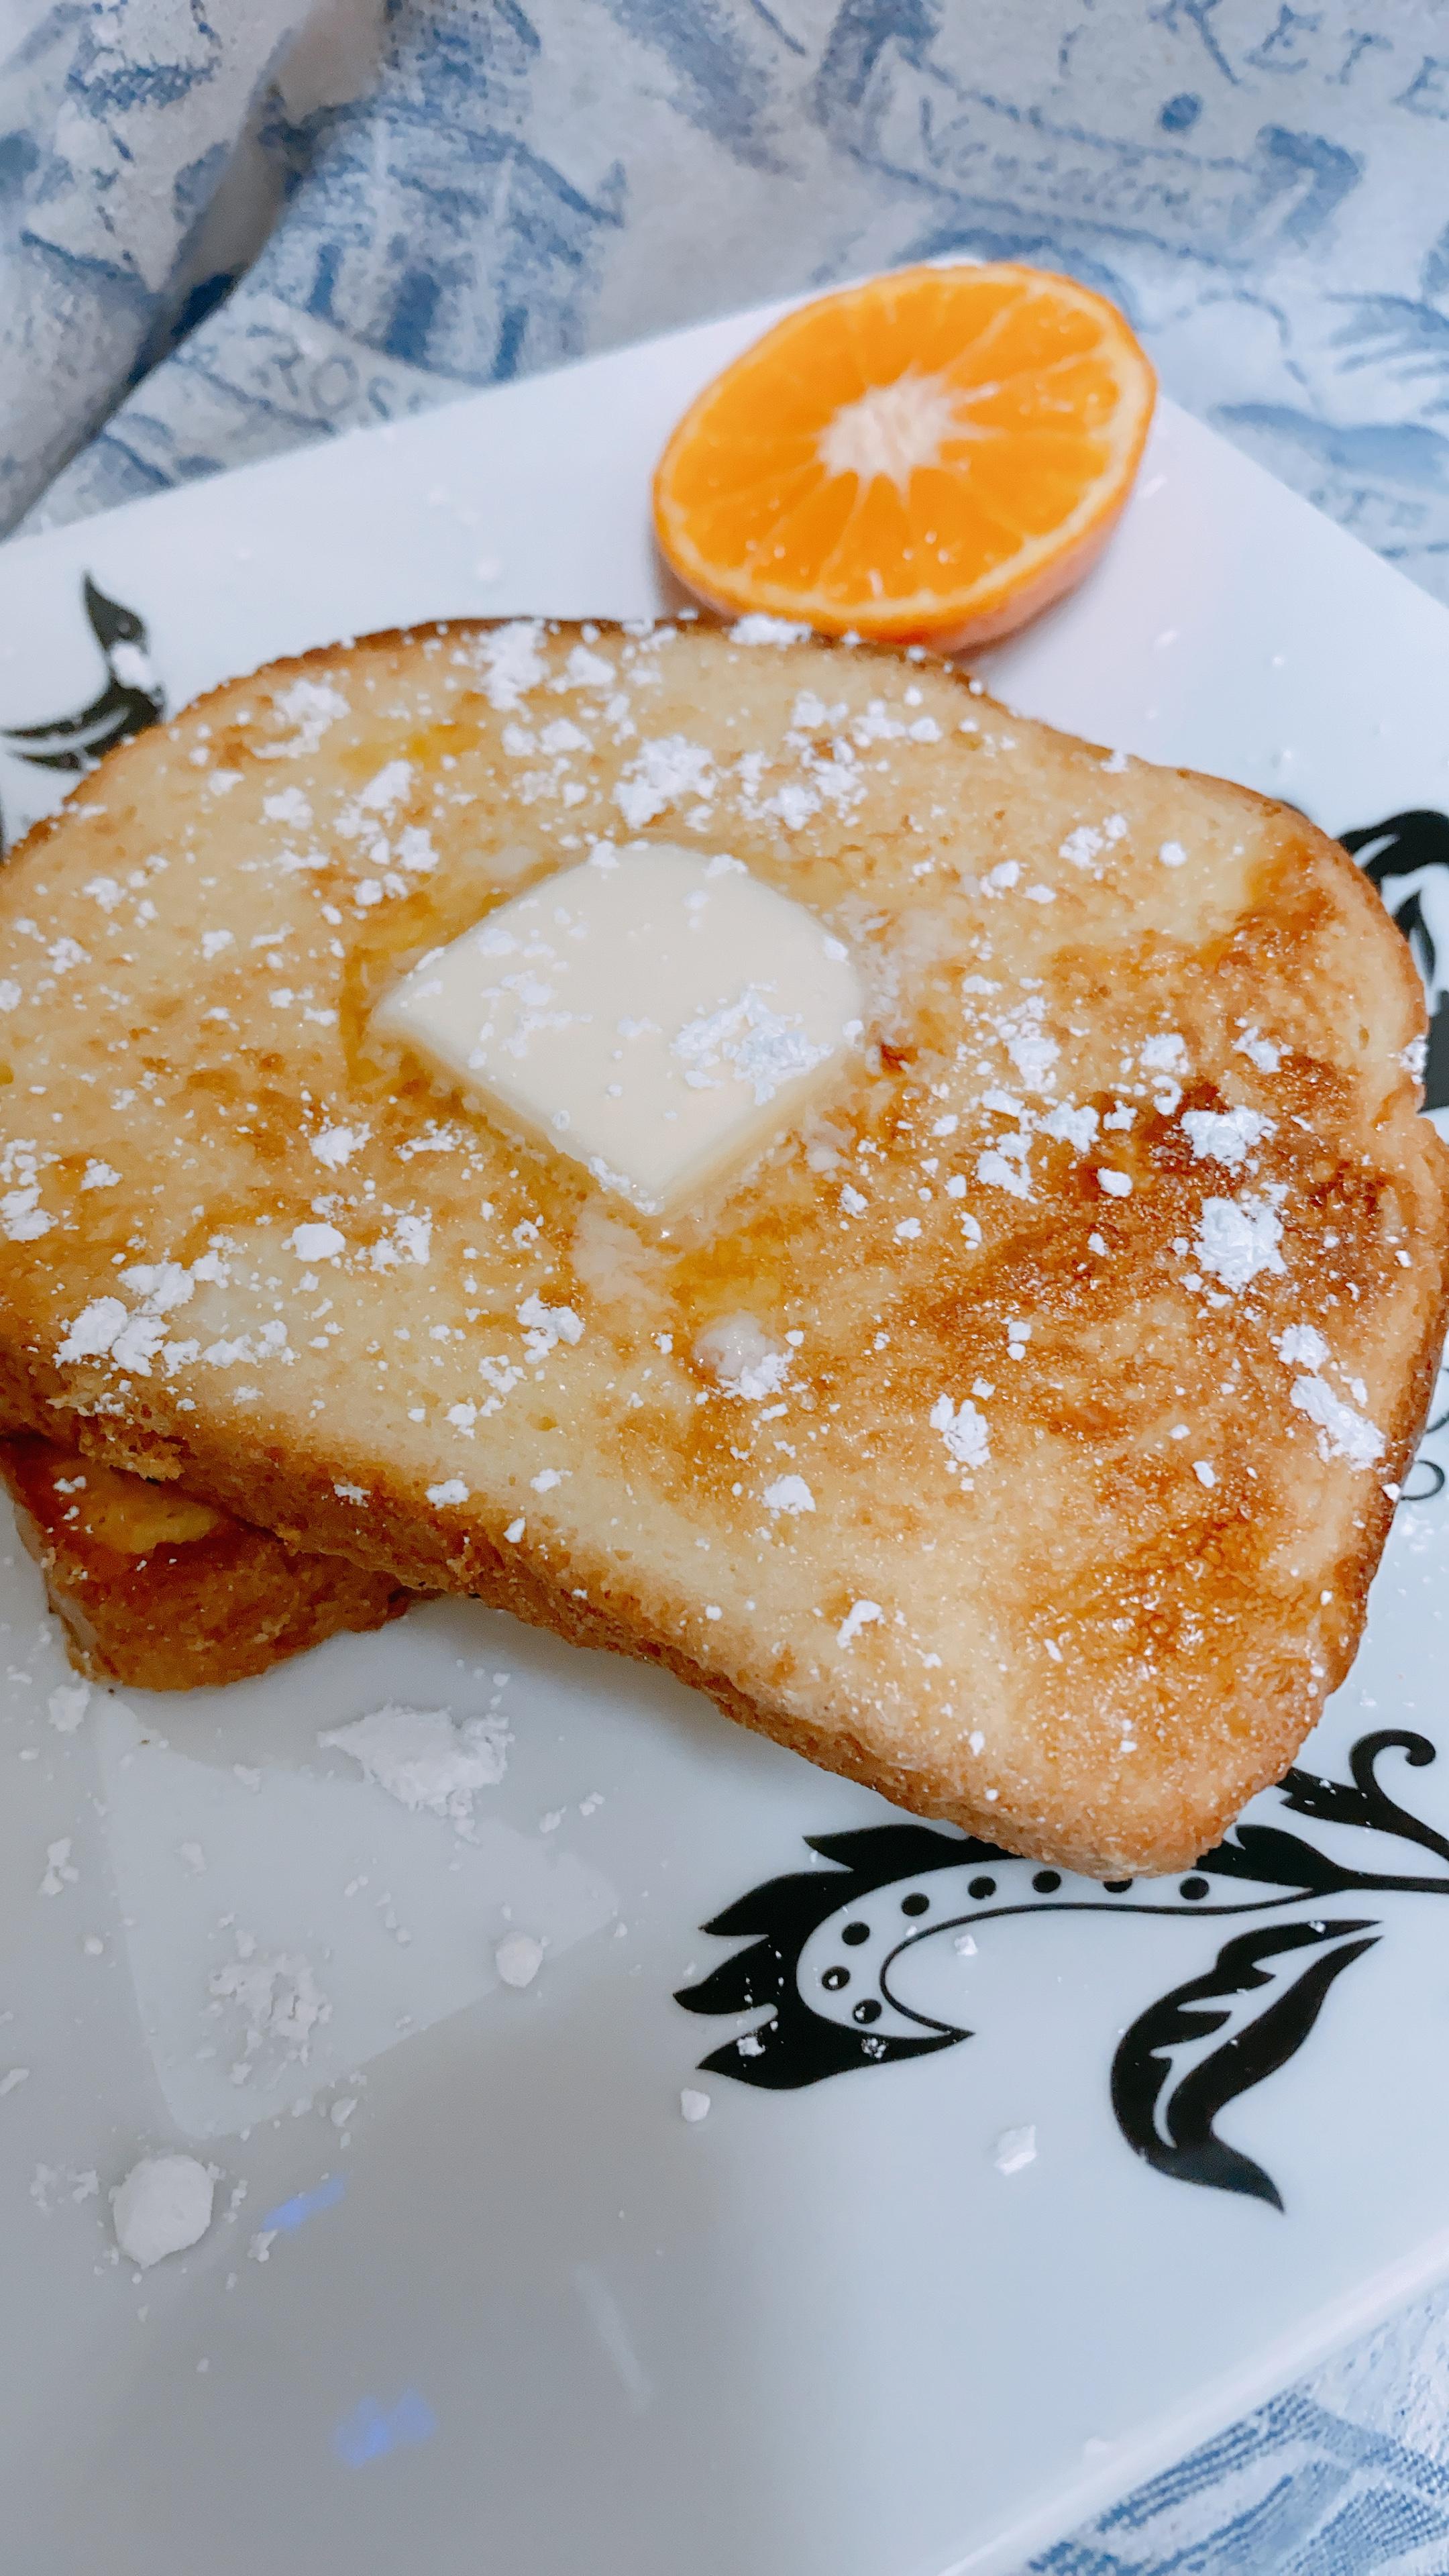 Brunch-Worthy Air Fryer French Toast